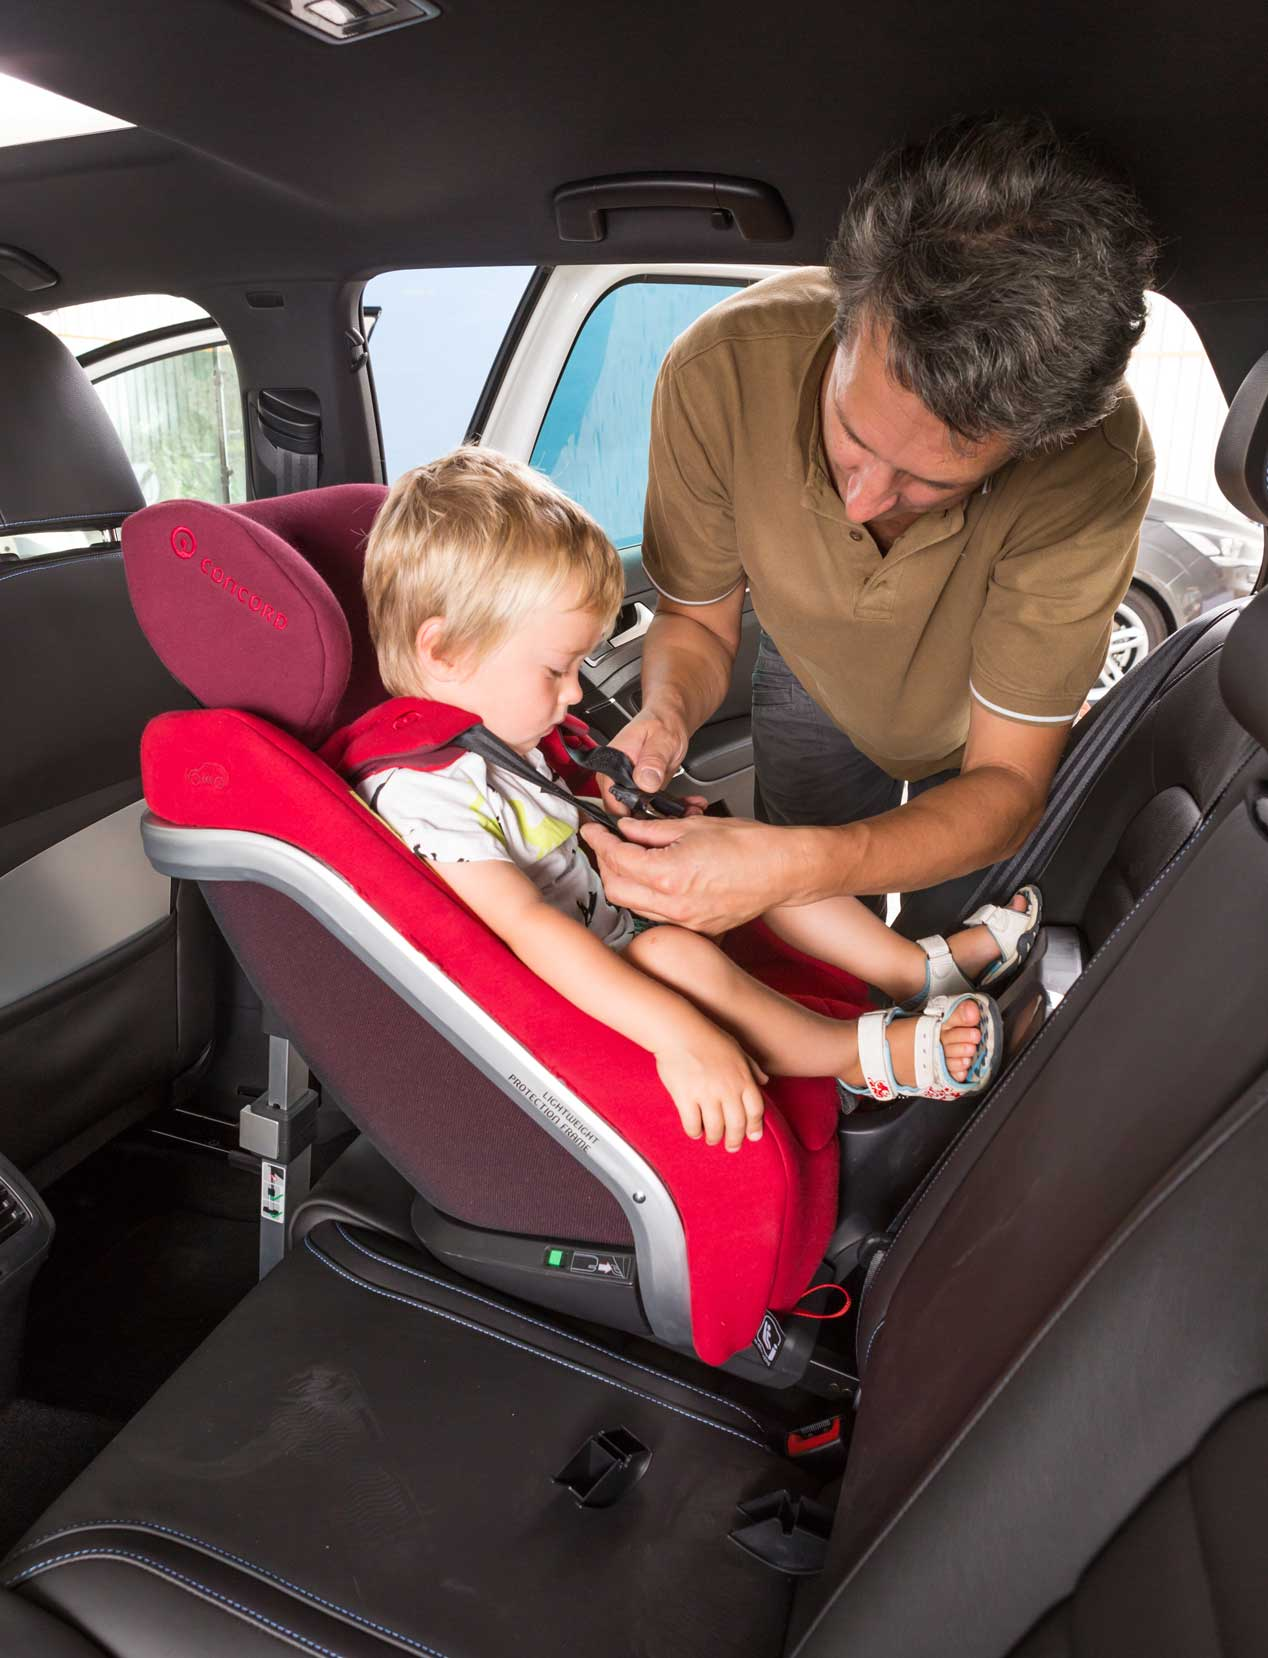 Sillas infantiles para el coche, algunos modelos en fotos